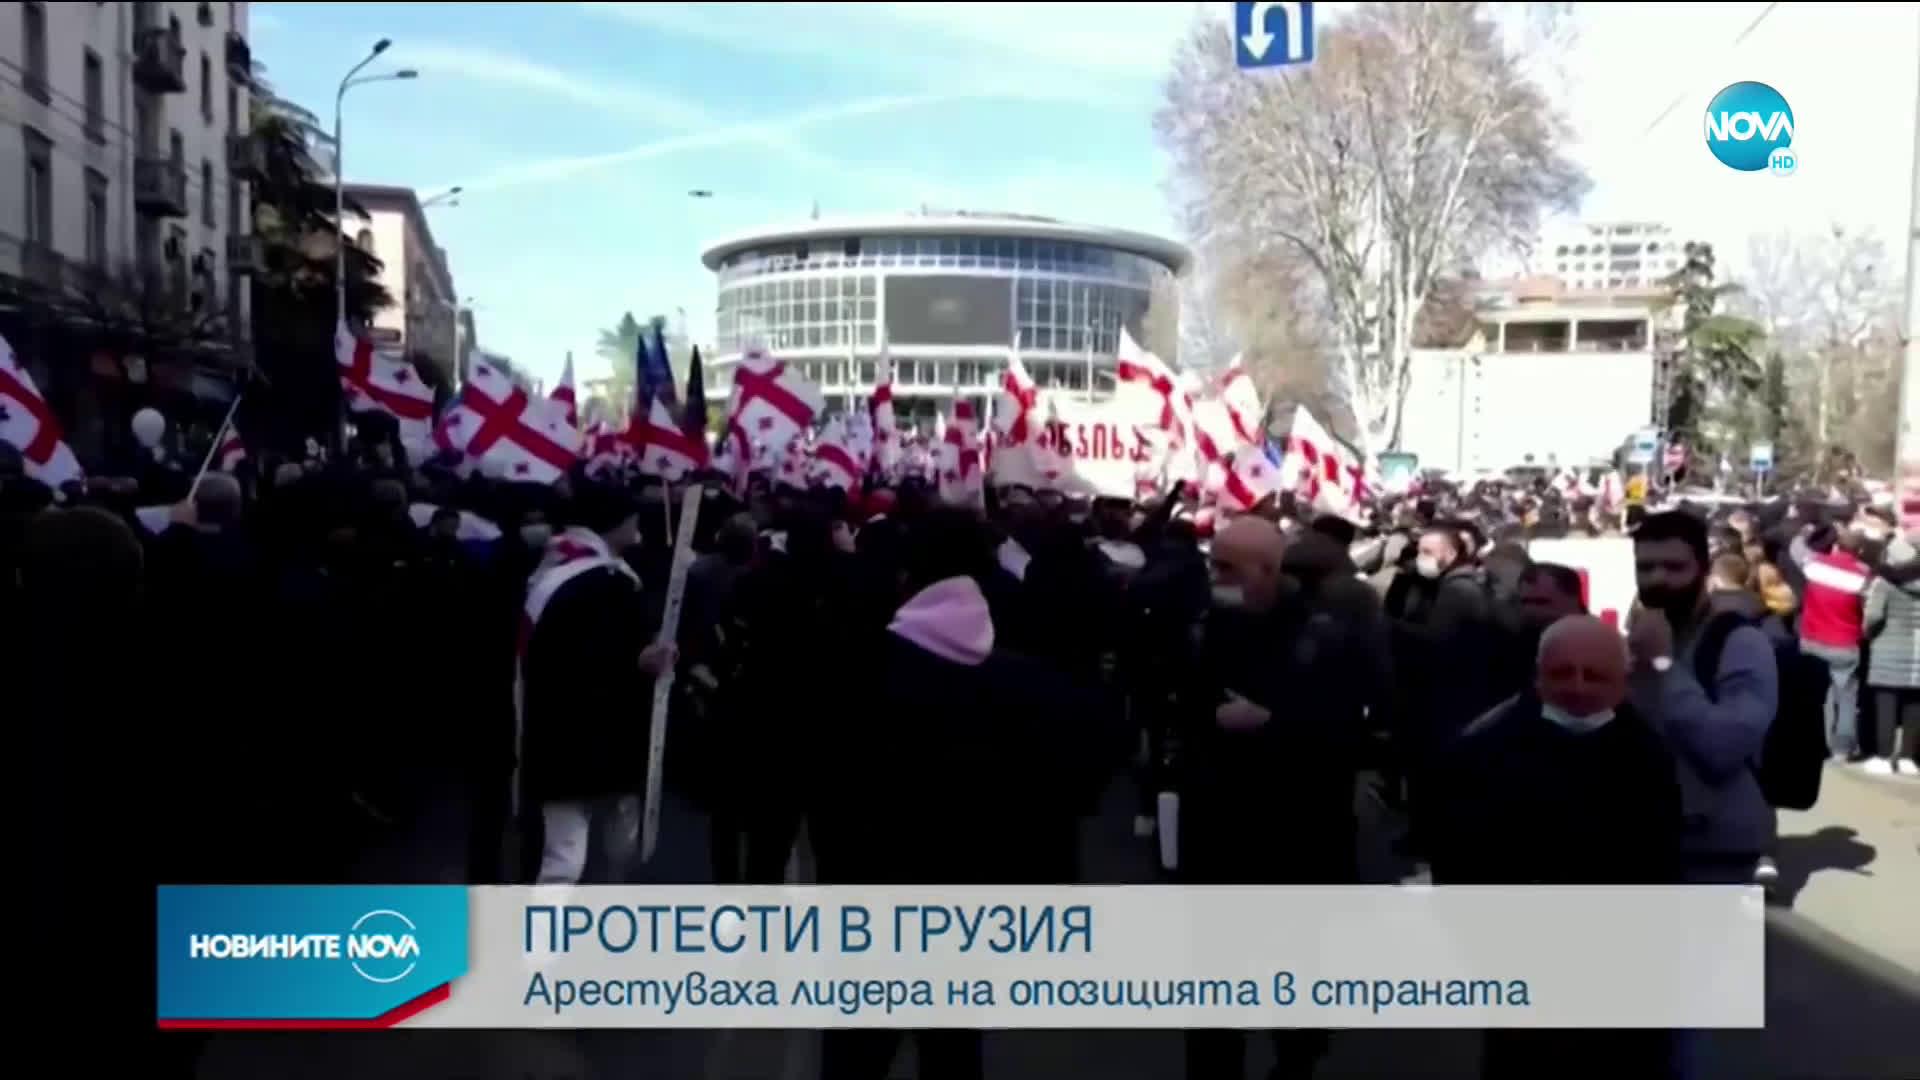 ЗАРАДИ АРЕСТ НА ОПОЗИЦИОНЕР: Антиправителствени протести в Грузия